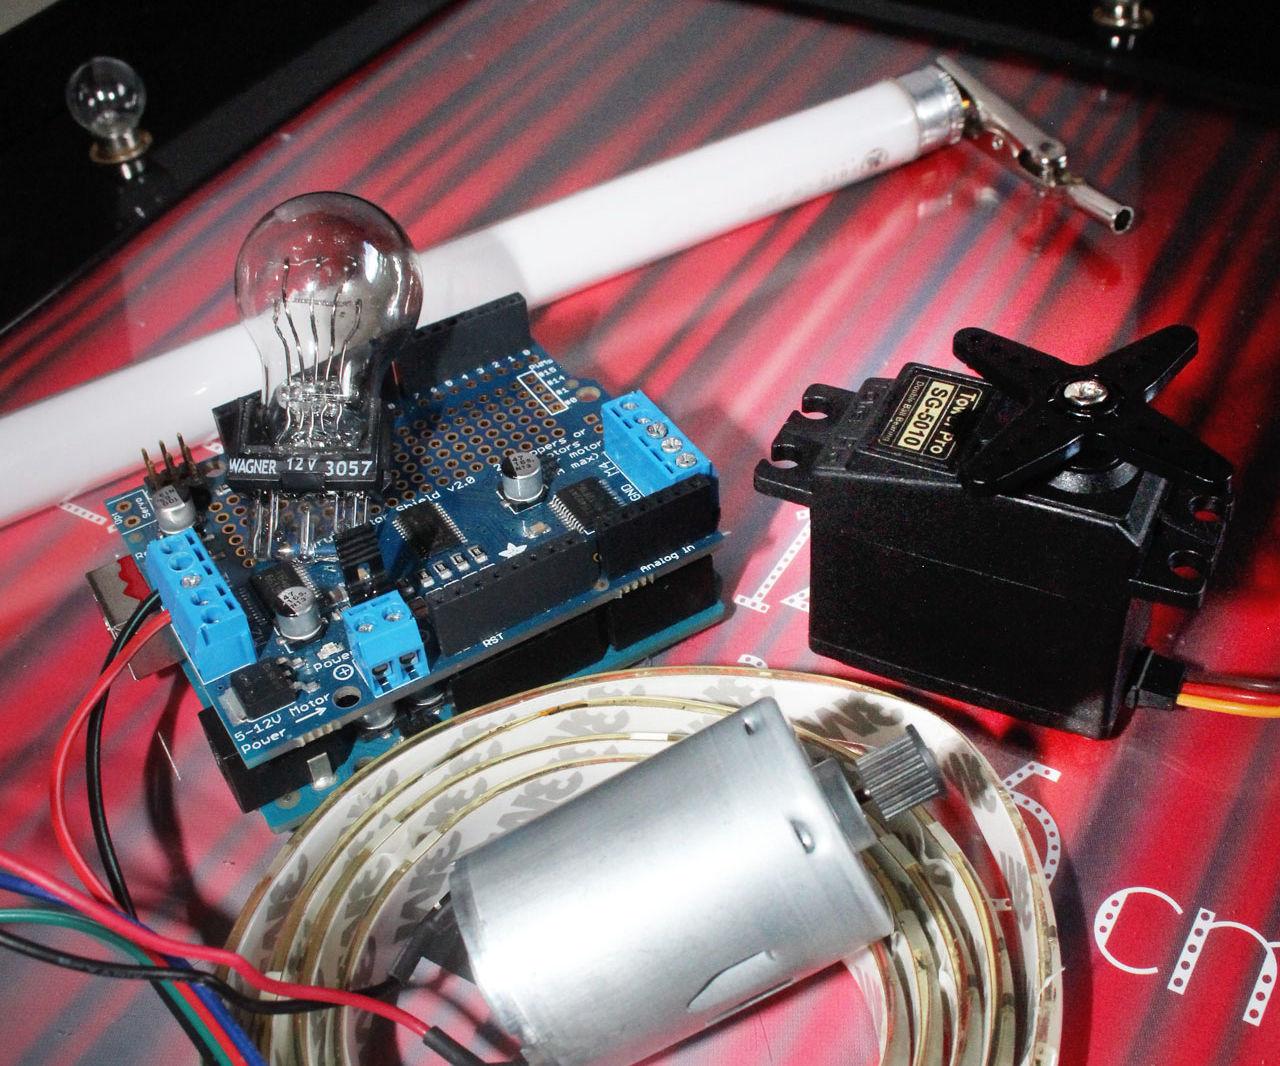 Control Mix of 12v Lights & Motors